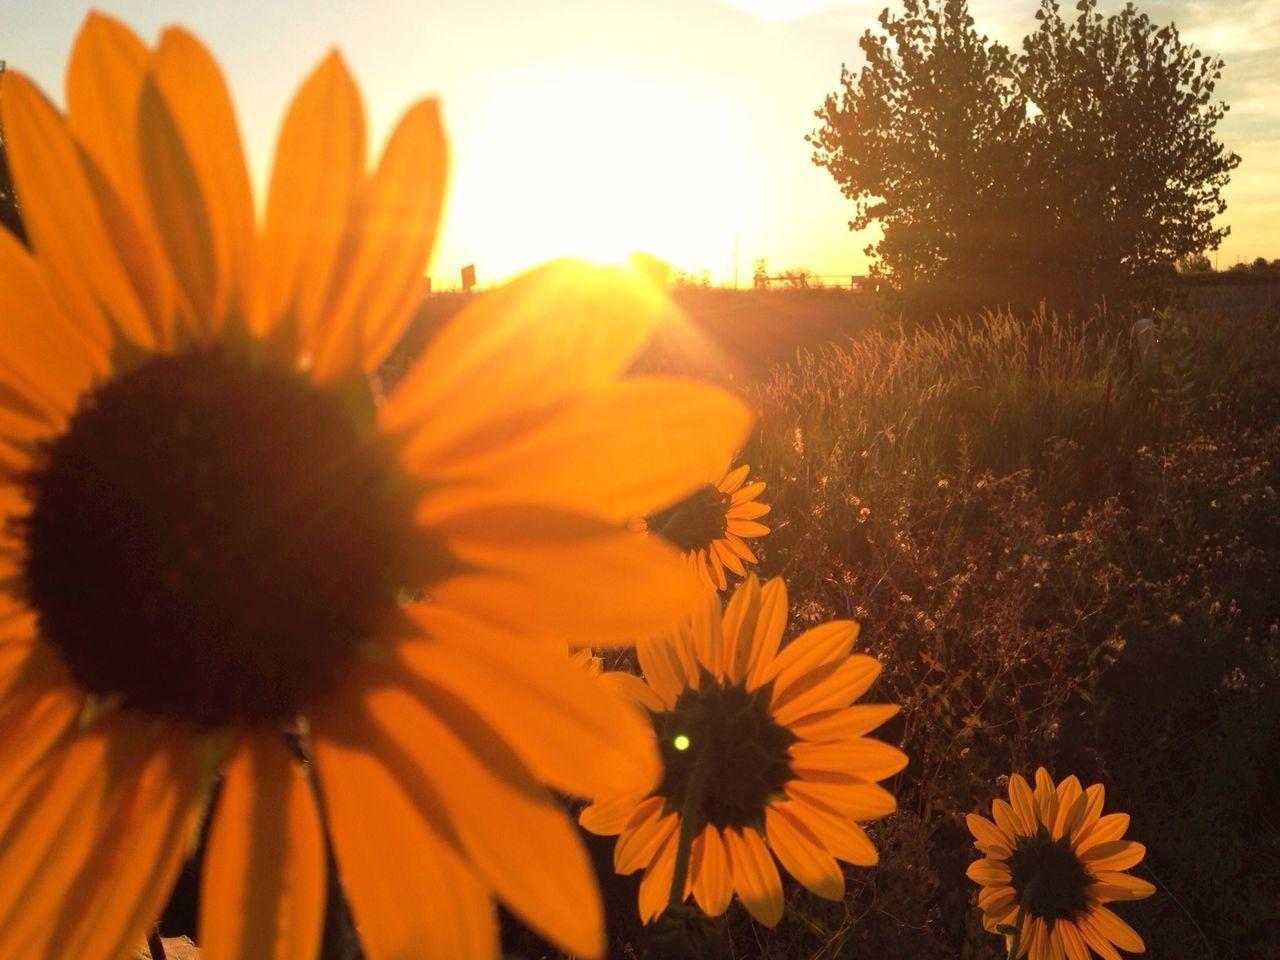 Taking Photoss Good Morning! Sun Rise